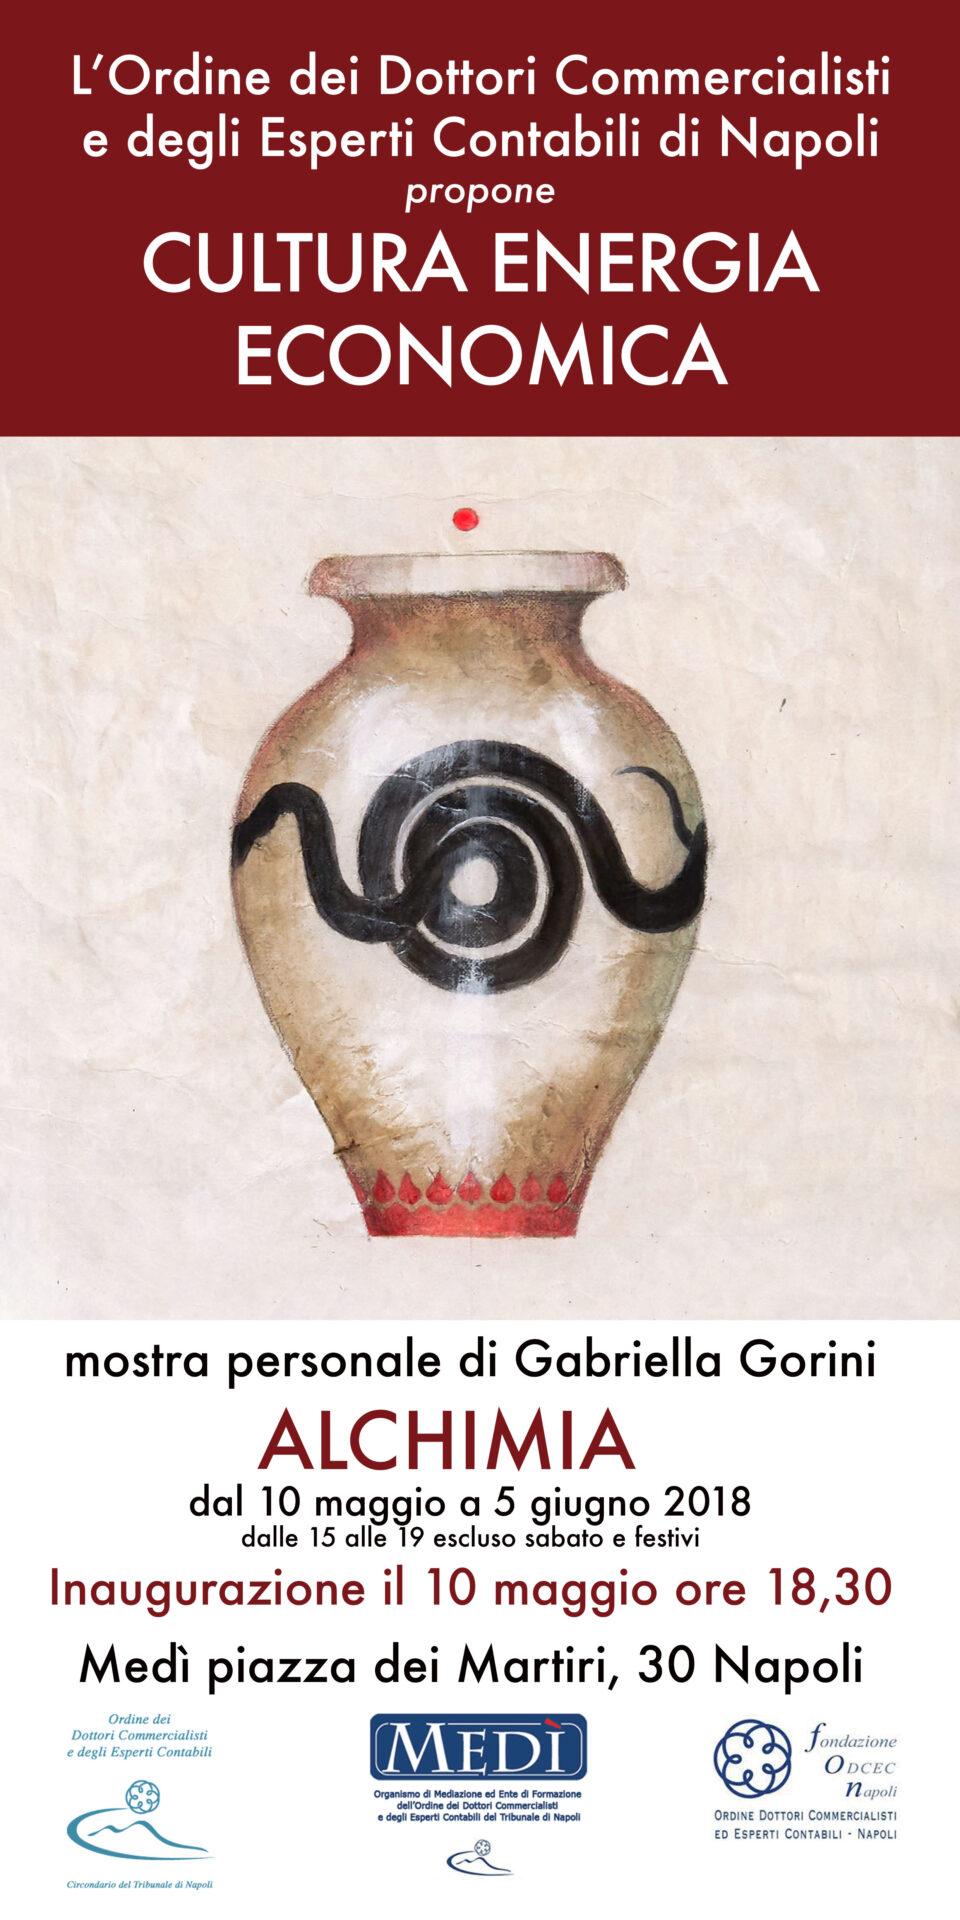 Alchimia Gorini